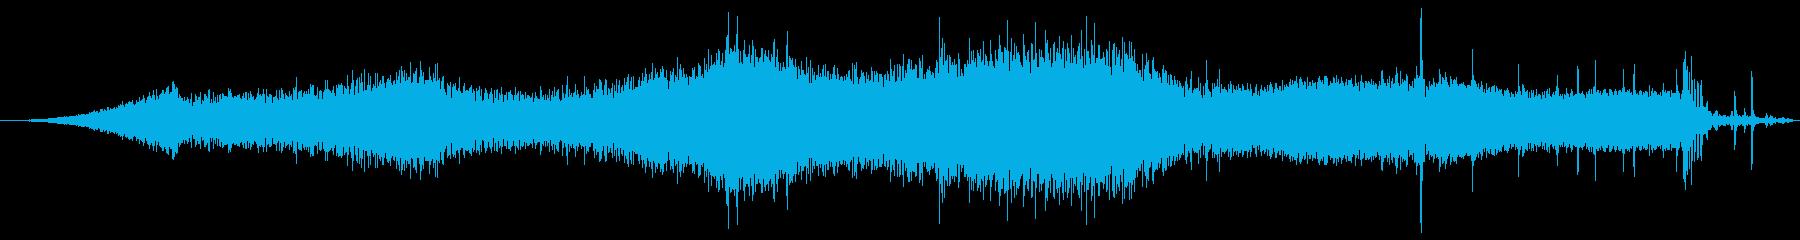 インフィニティFx 35クロスオー...の再生済みの波形